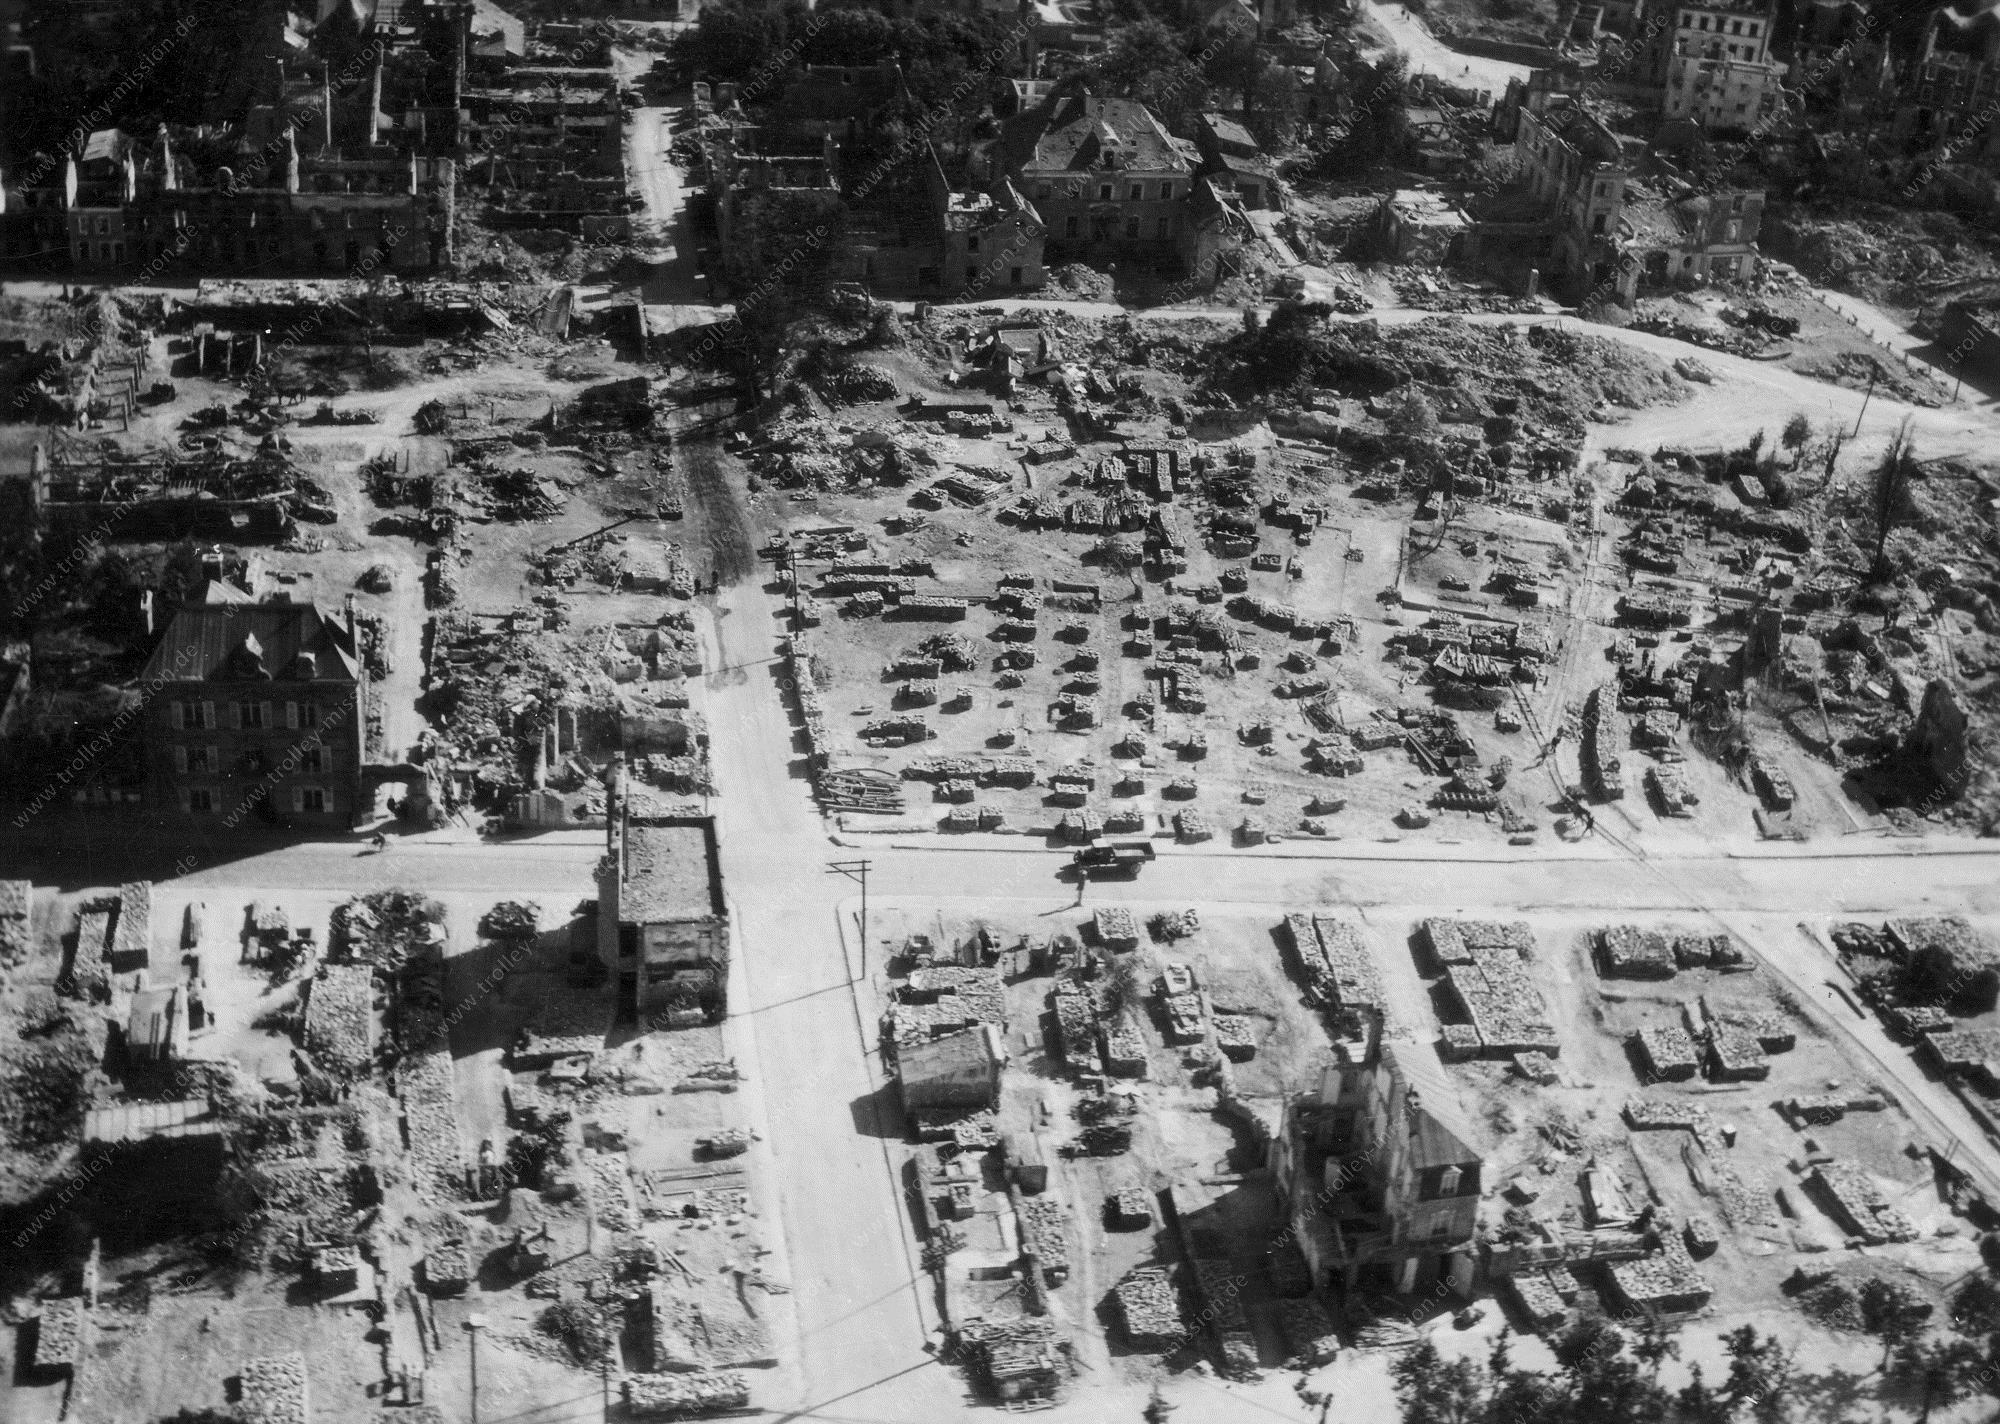 Unbekanntes Luftbild Trümmergrundstück